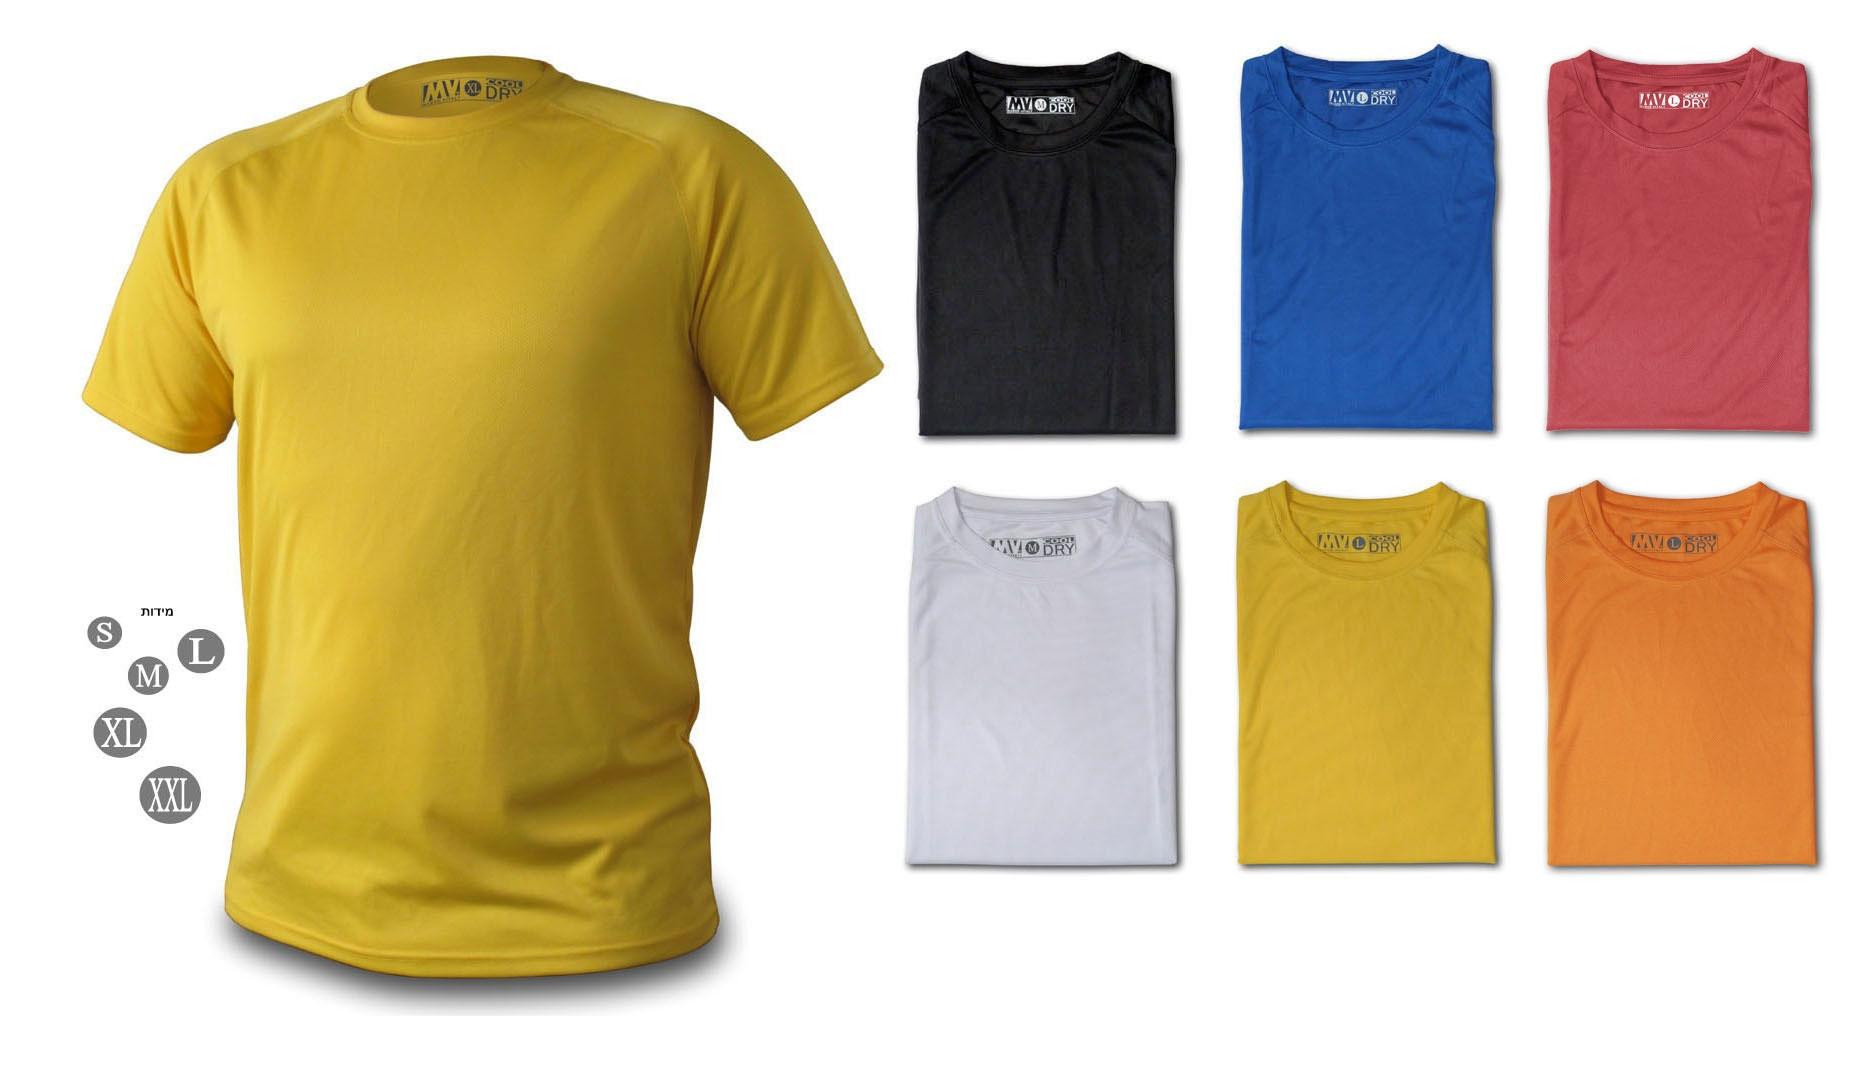 חולצות צבא | טריקו